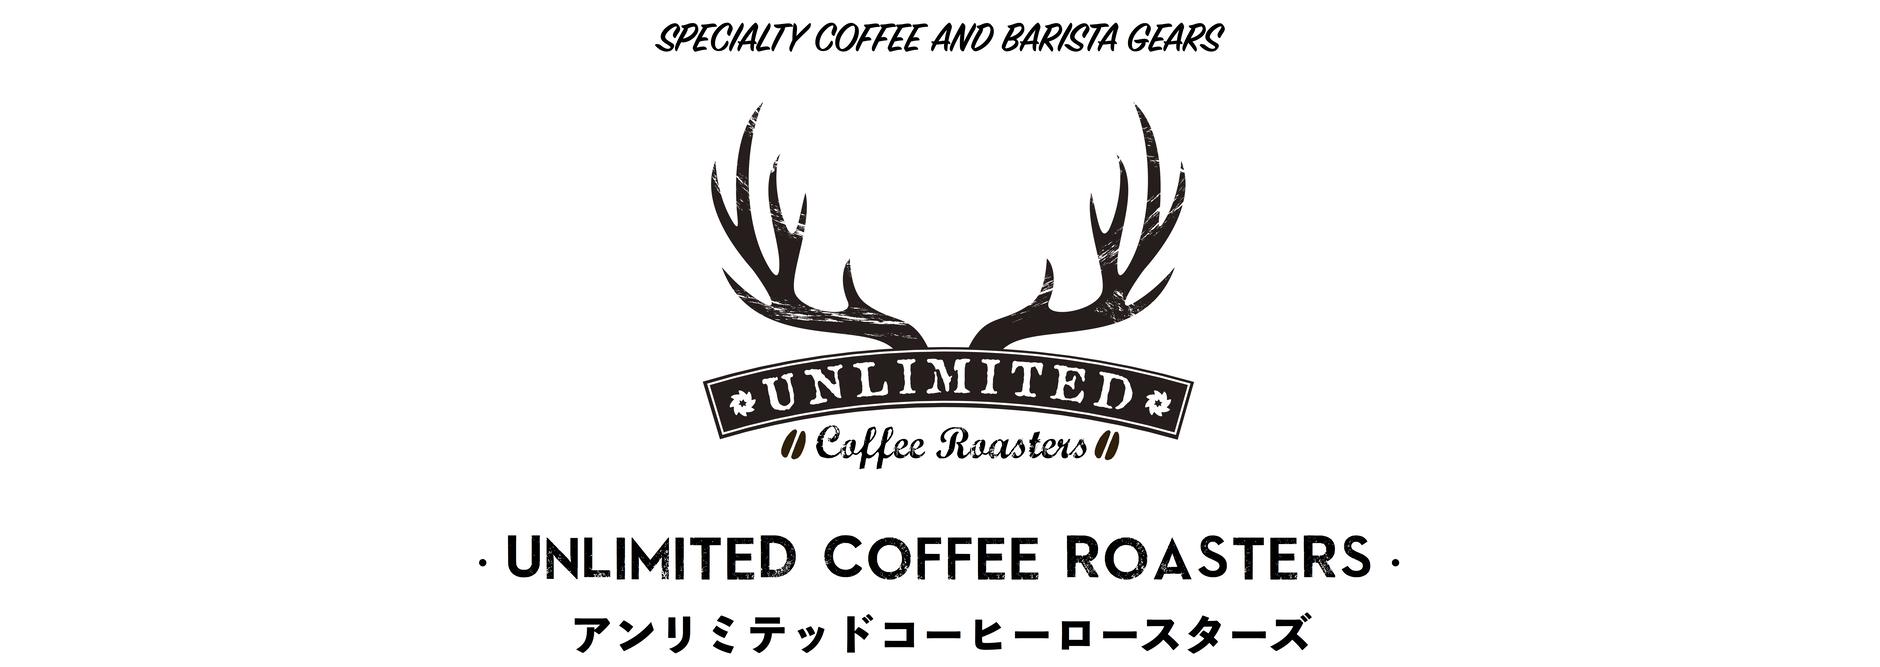 スペシャルティコーヒー & バリスタギア UNLIMITED COFFEE ROASTERS(アンリミテッド コーヒーロースターズ)